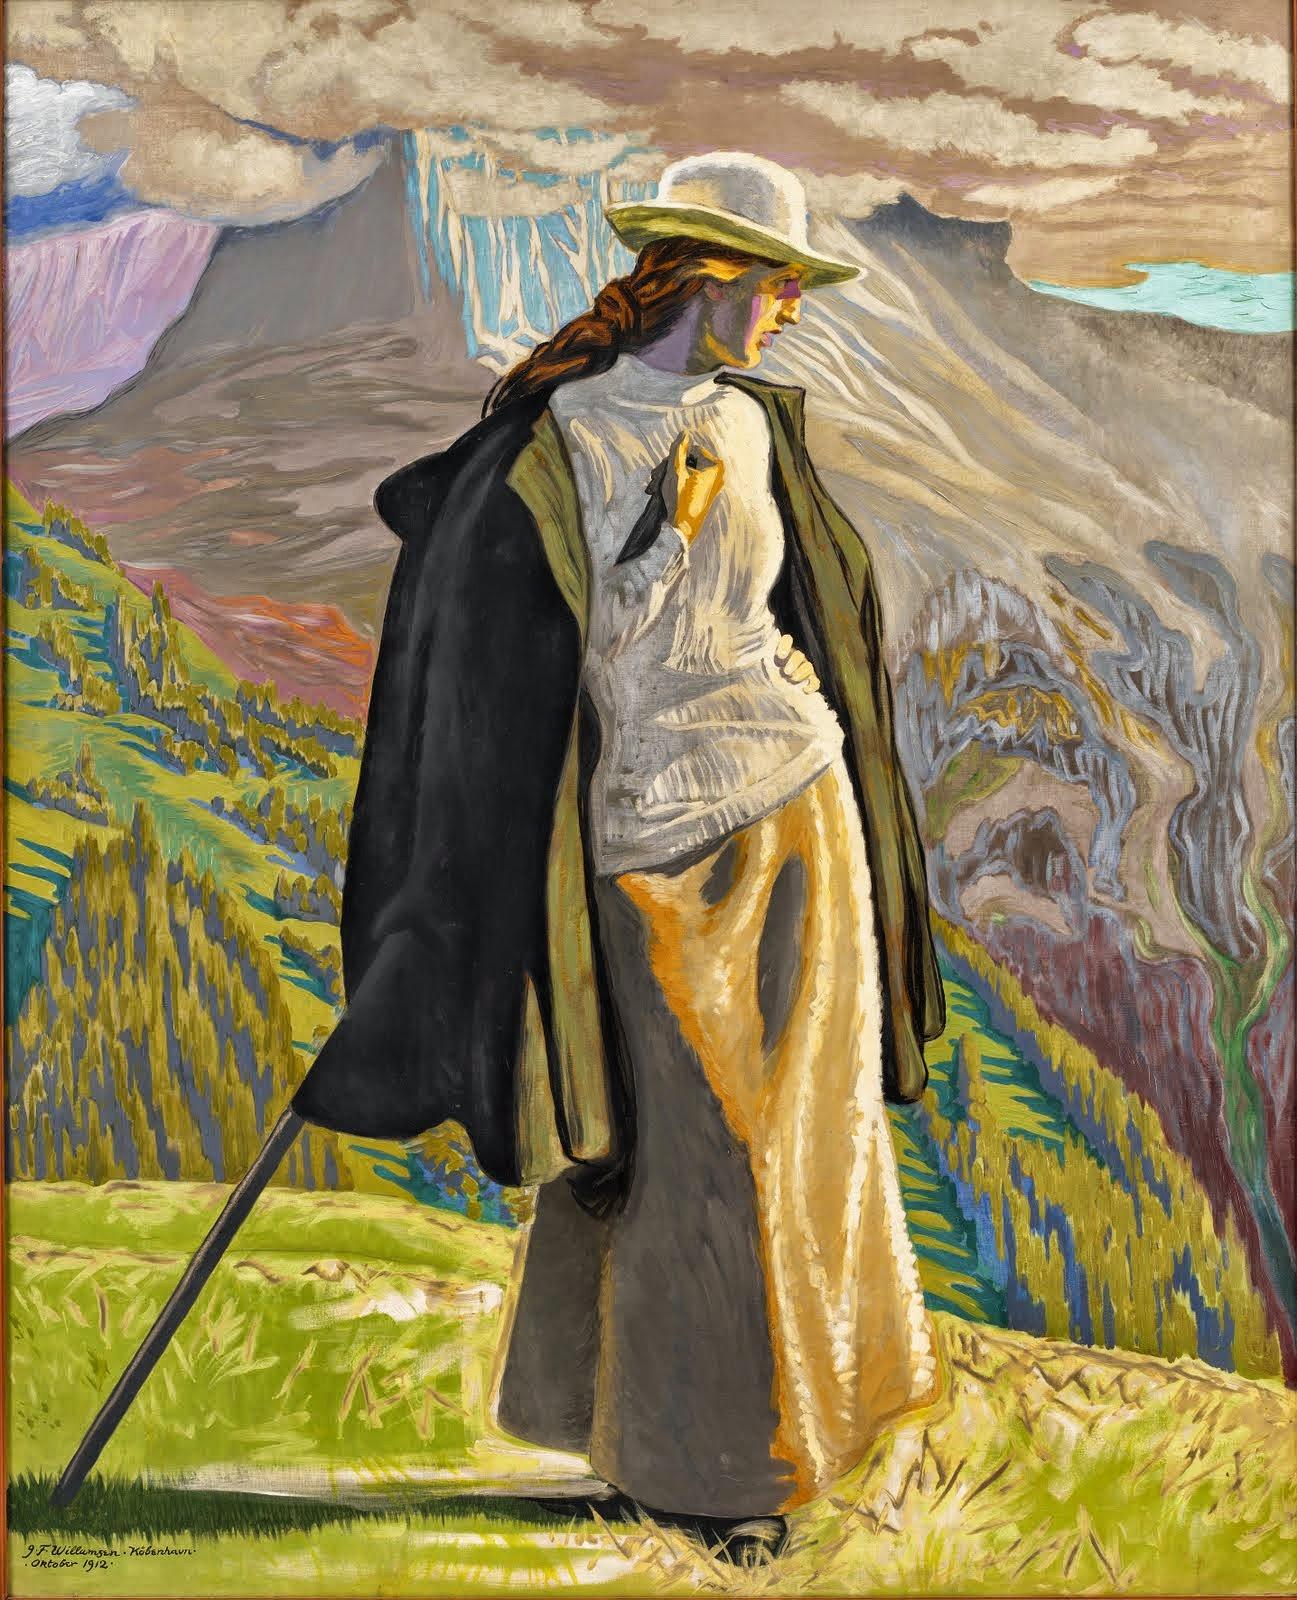 Jens Ferdinand Willumsen 1863-1958